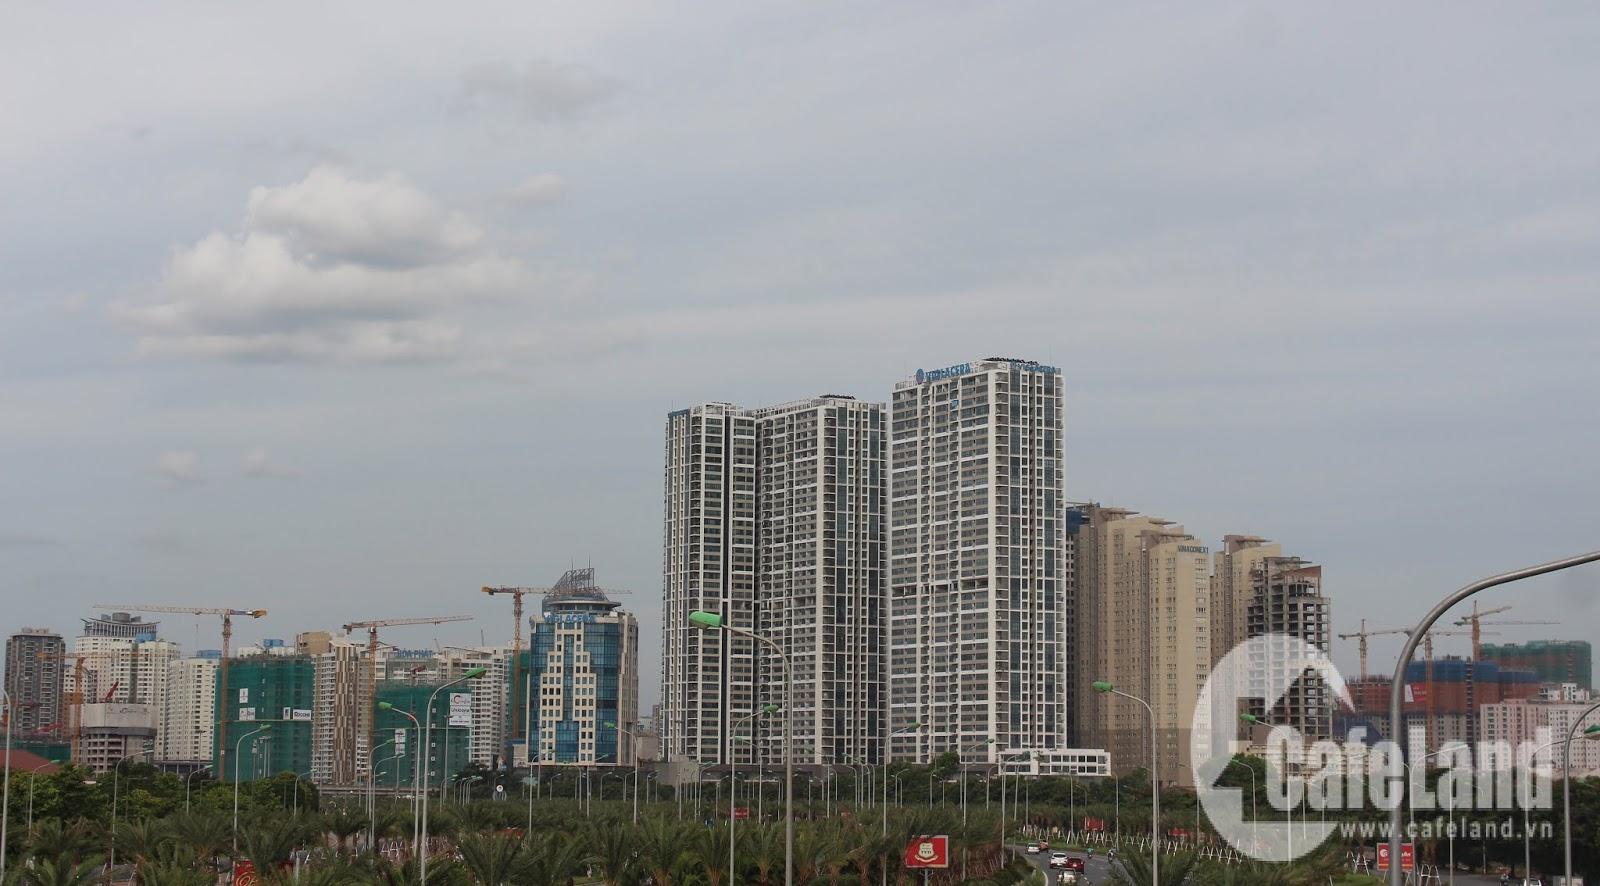 Dự báo bất động sản - giá nhà tiếp tục sẽ tăng